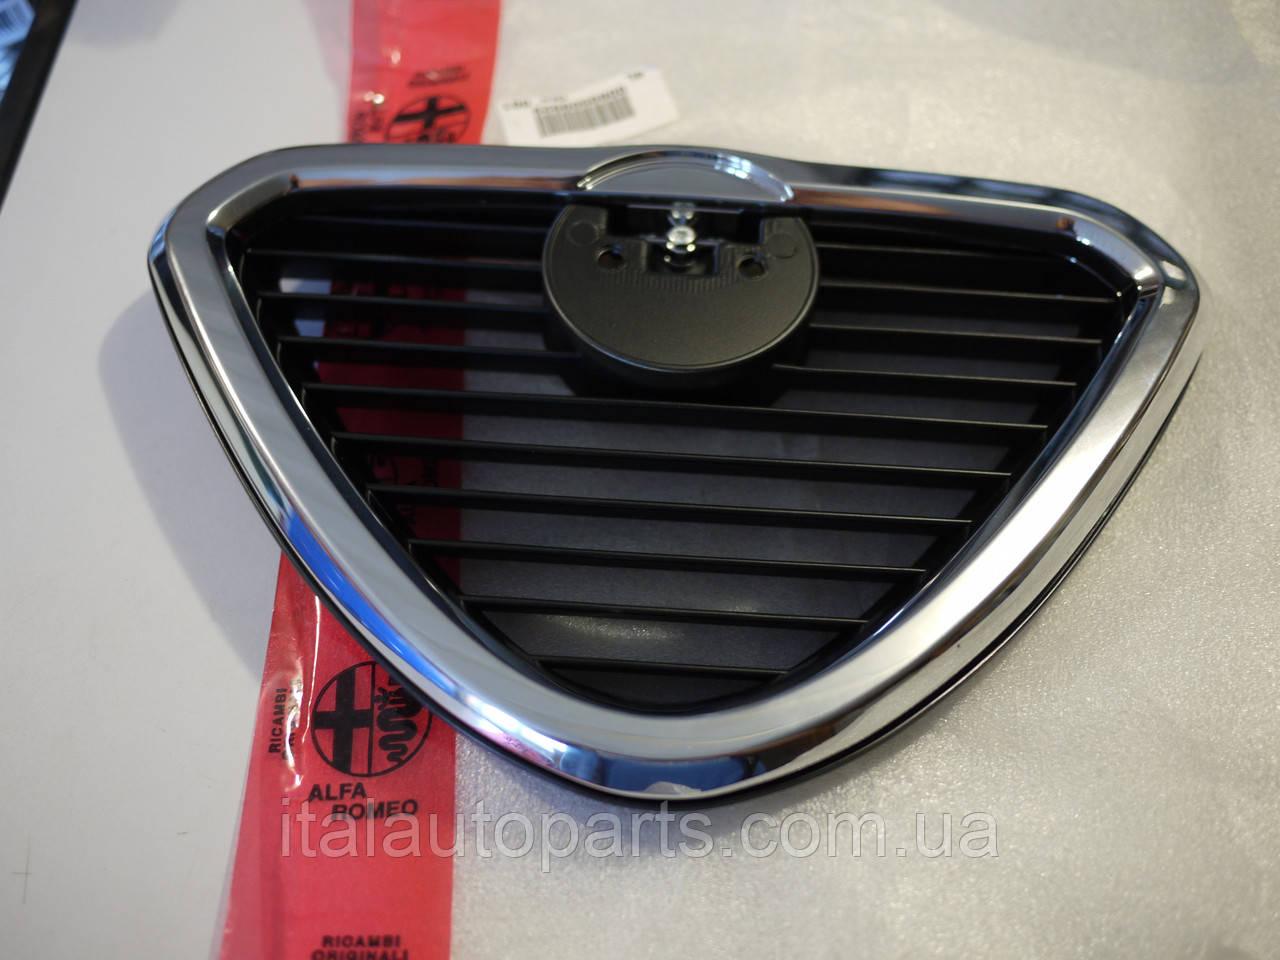 Решетка радиатора Alfa Romeo 164